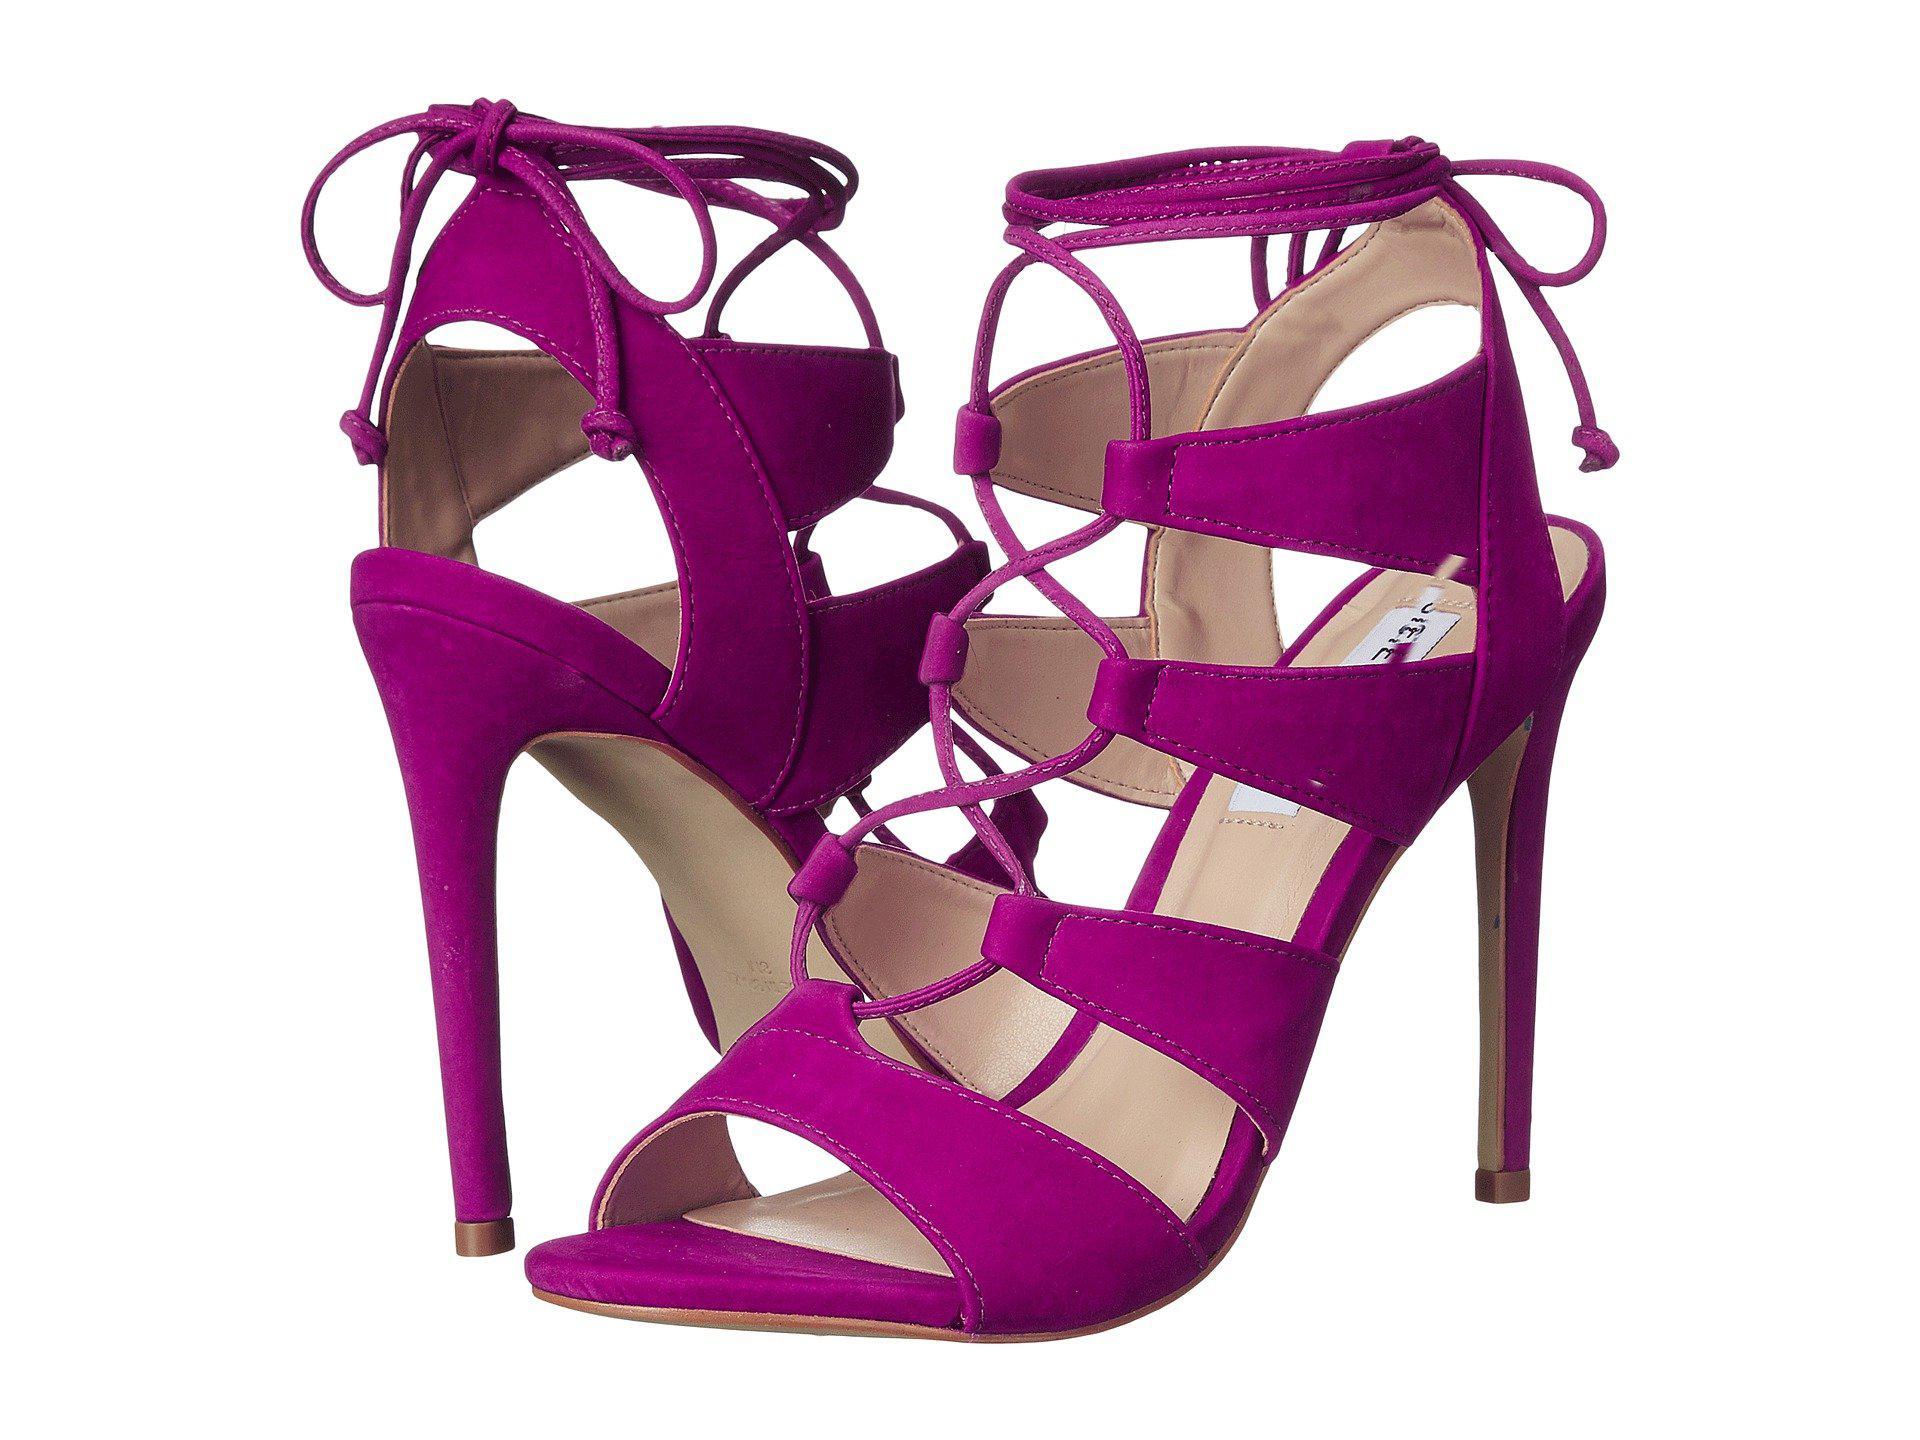 Steve Madden. Women's Purple Sandalia